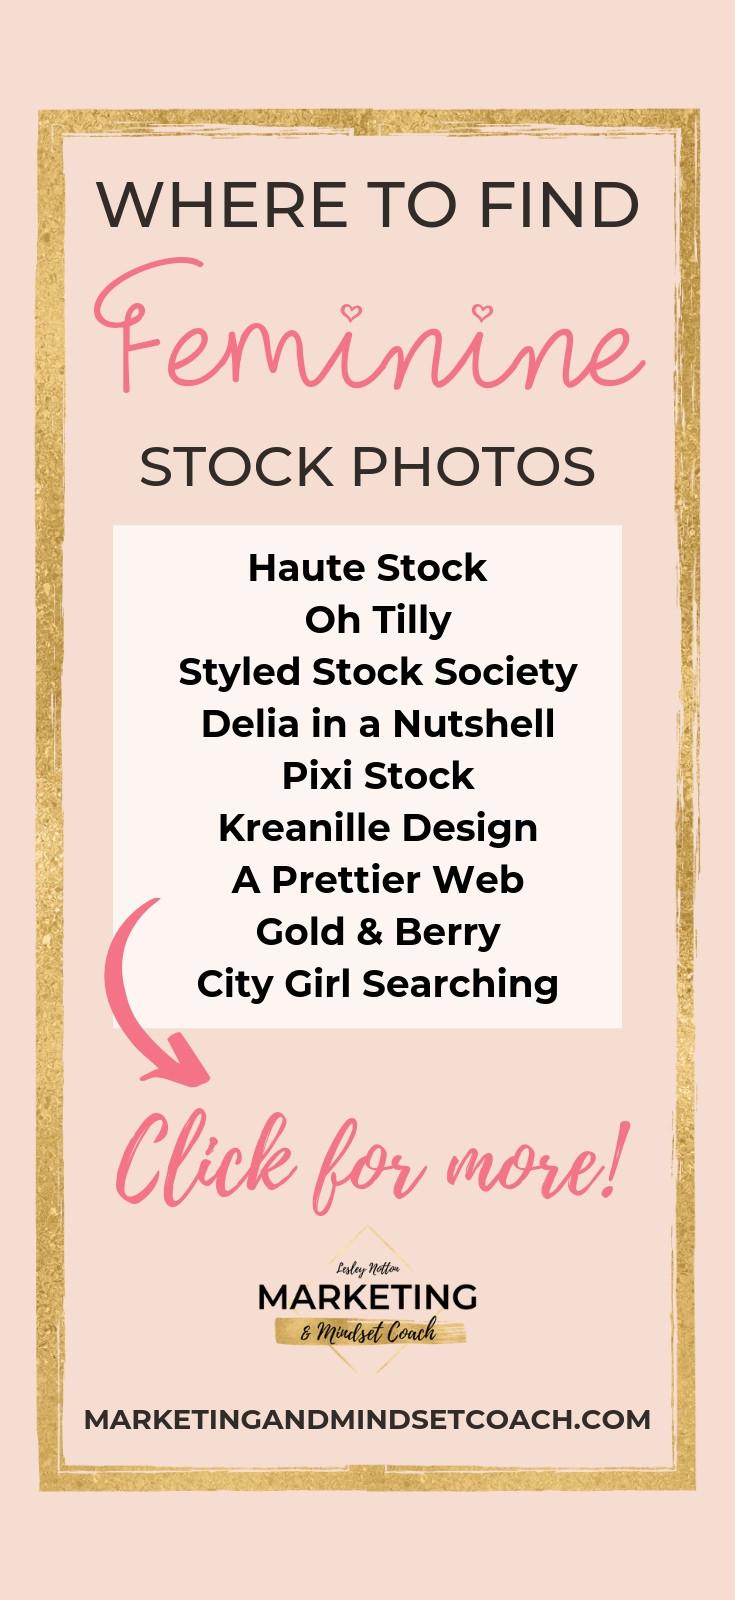 feminine_stock photos_female_entrepreneurs